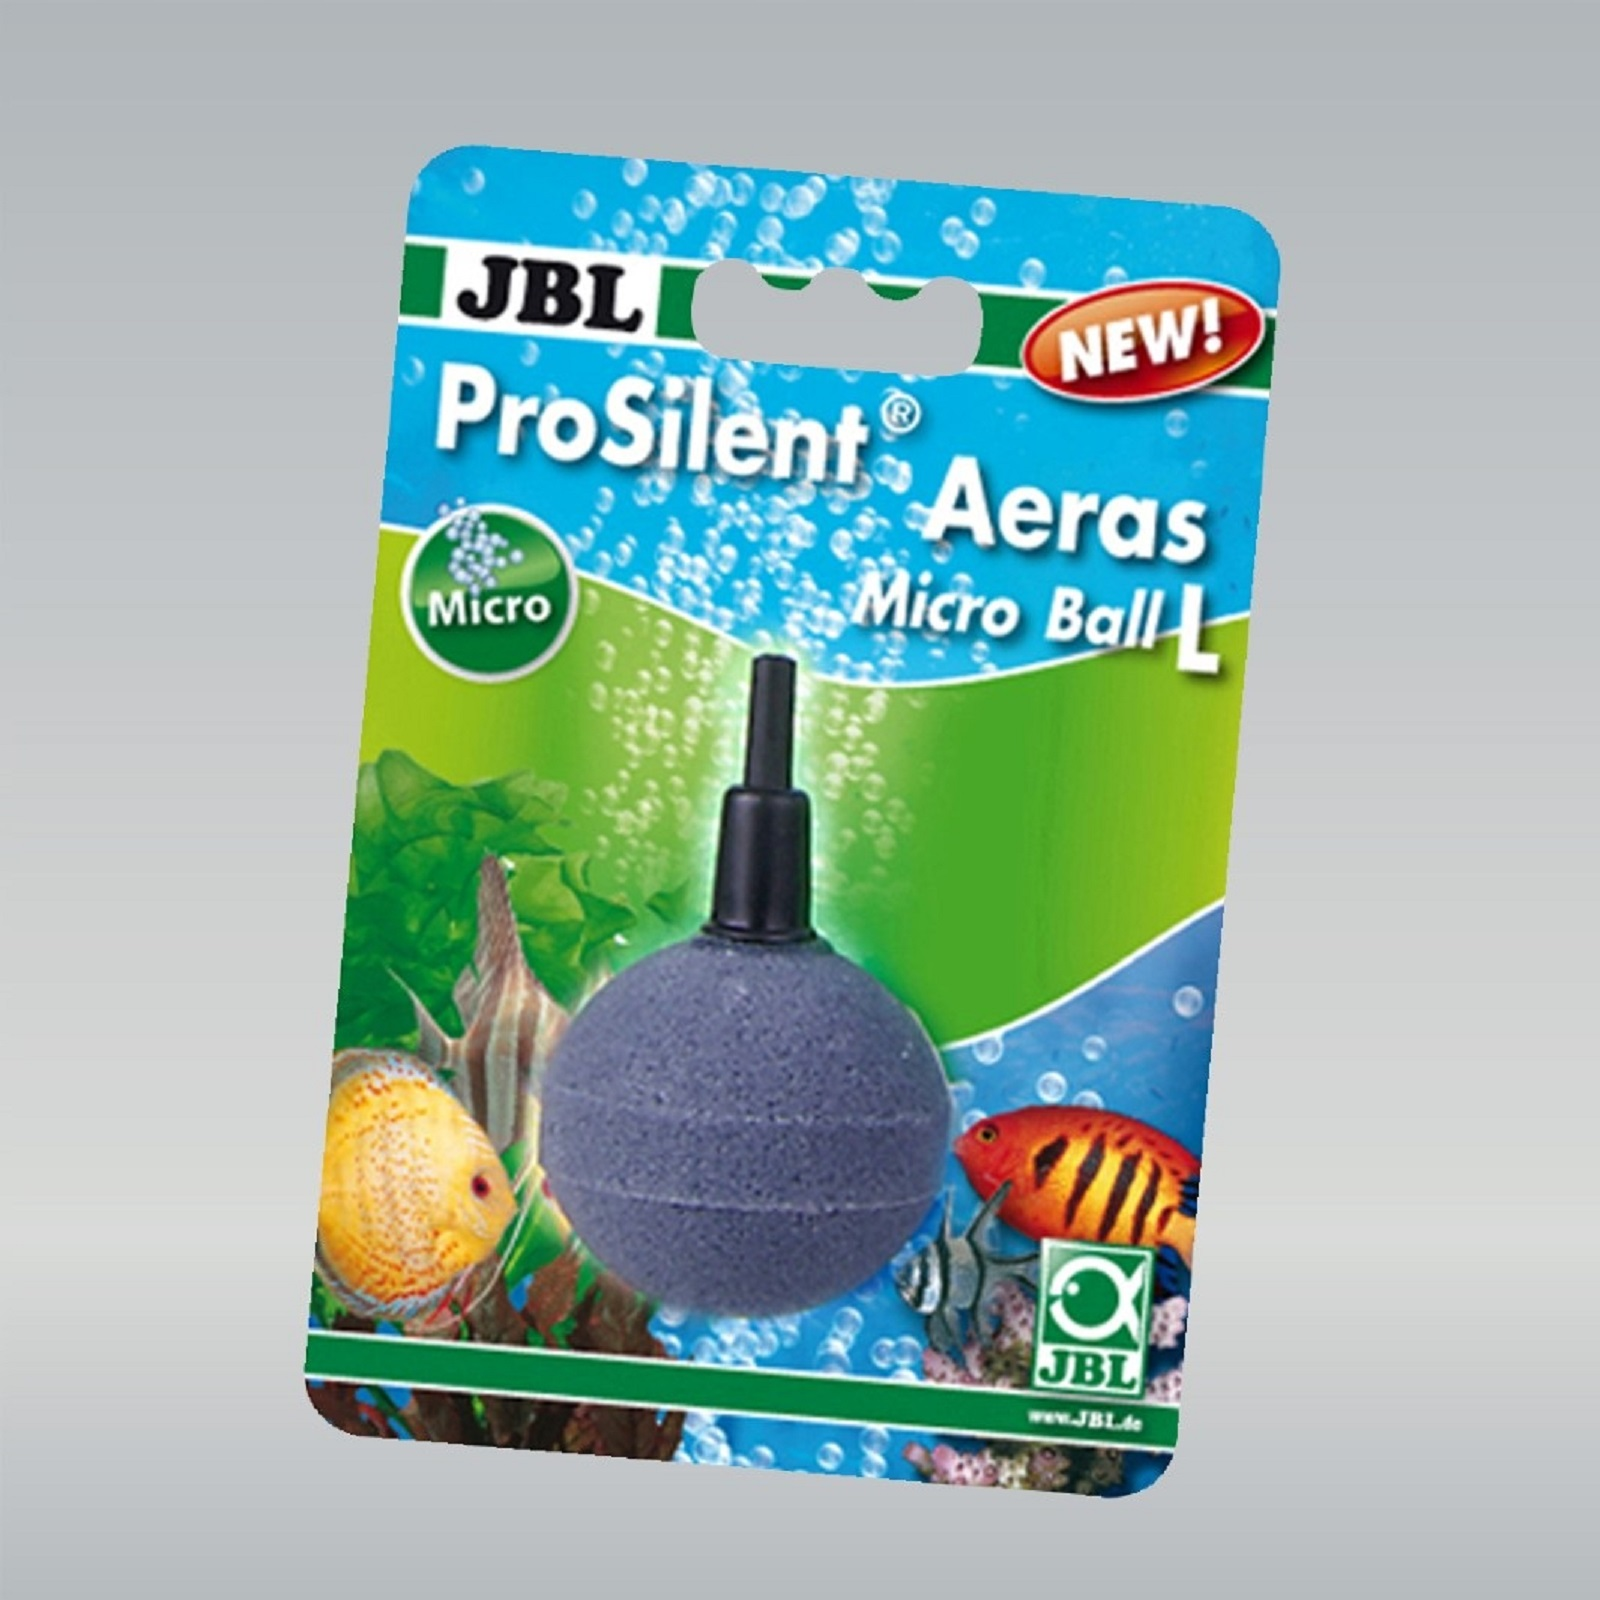 JBL ProSilent Aeras Micro Ball L Sauerstoffzufuhr  Ausströmstein